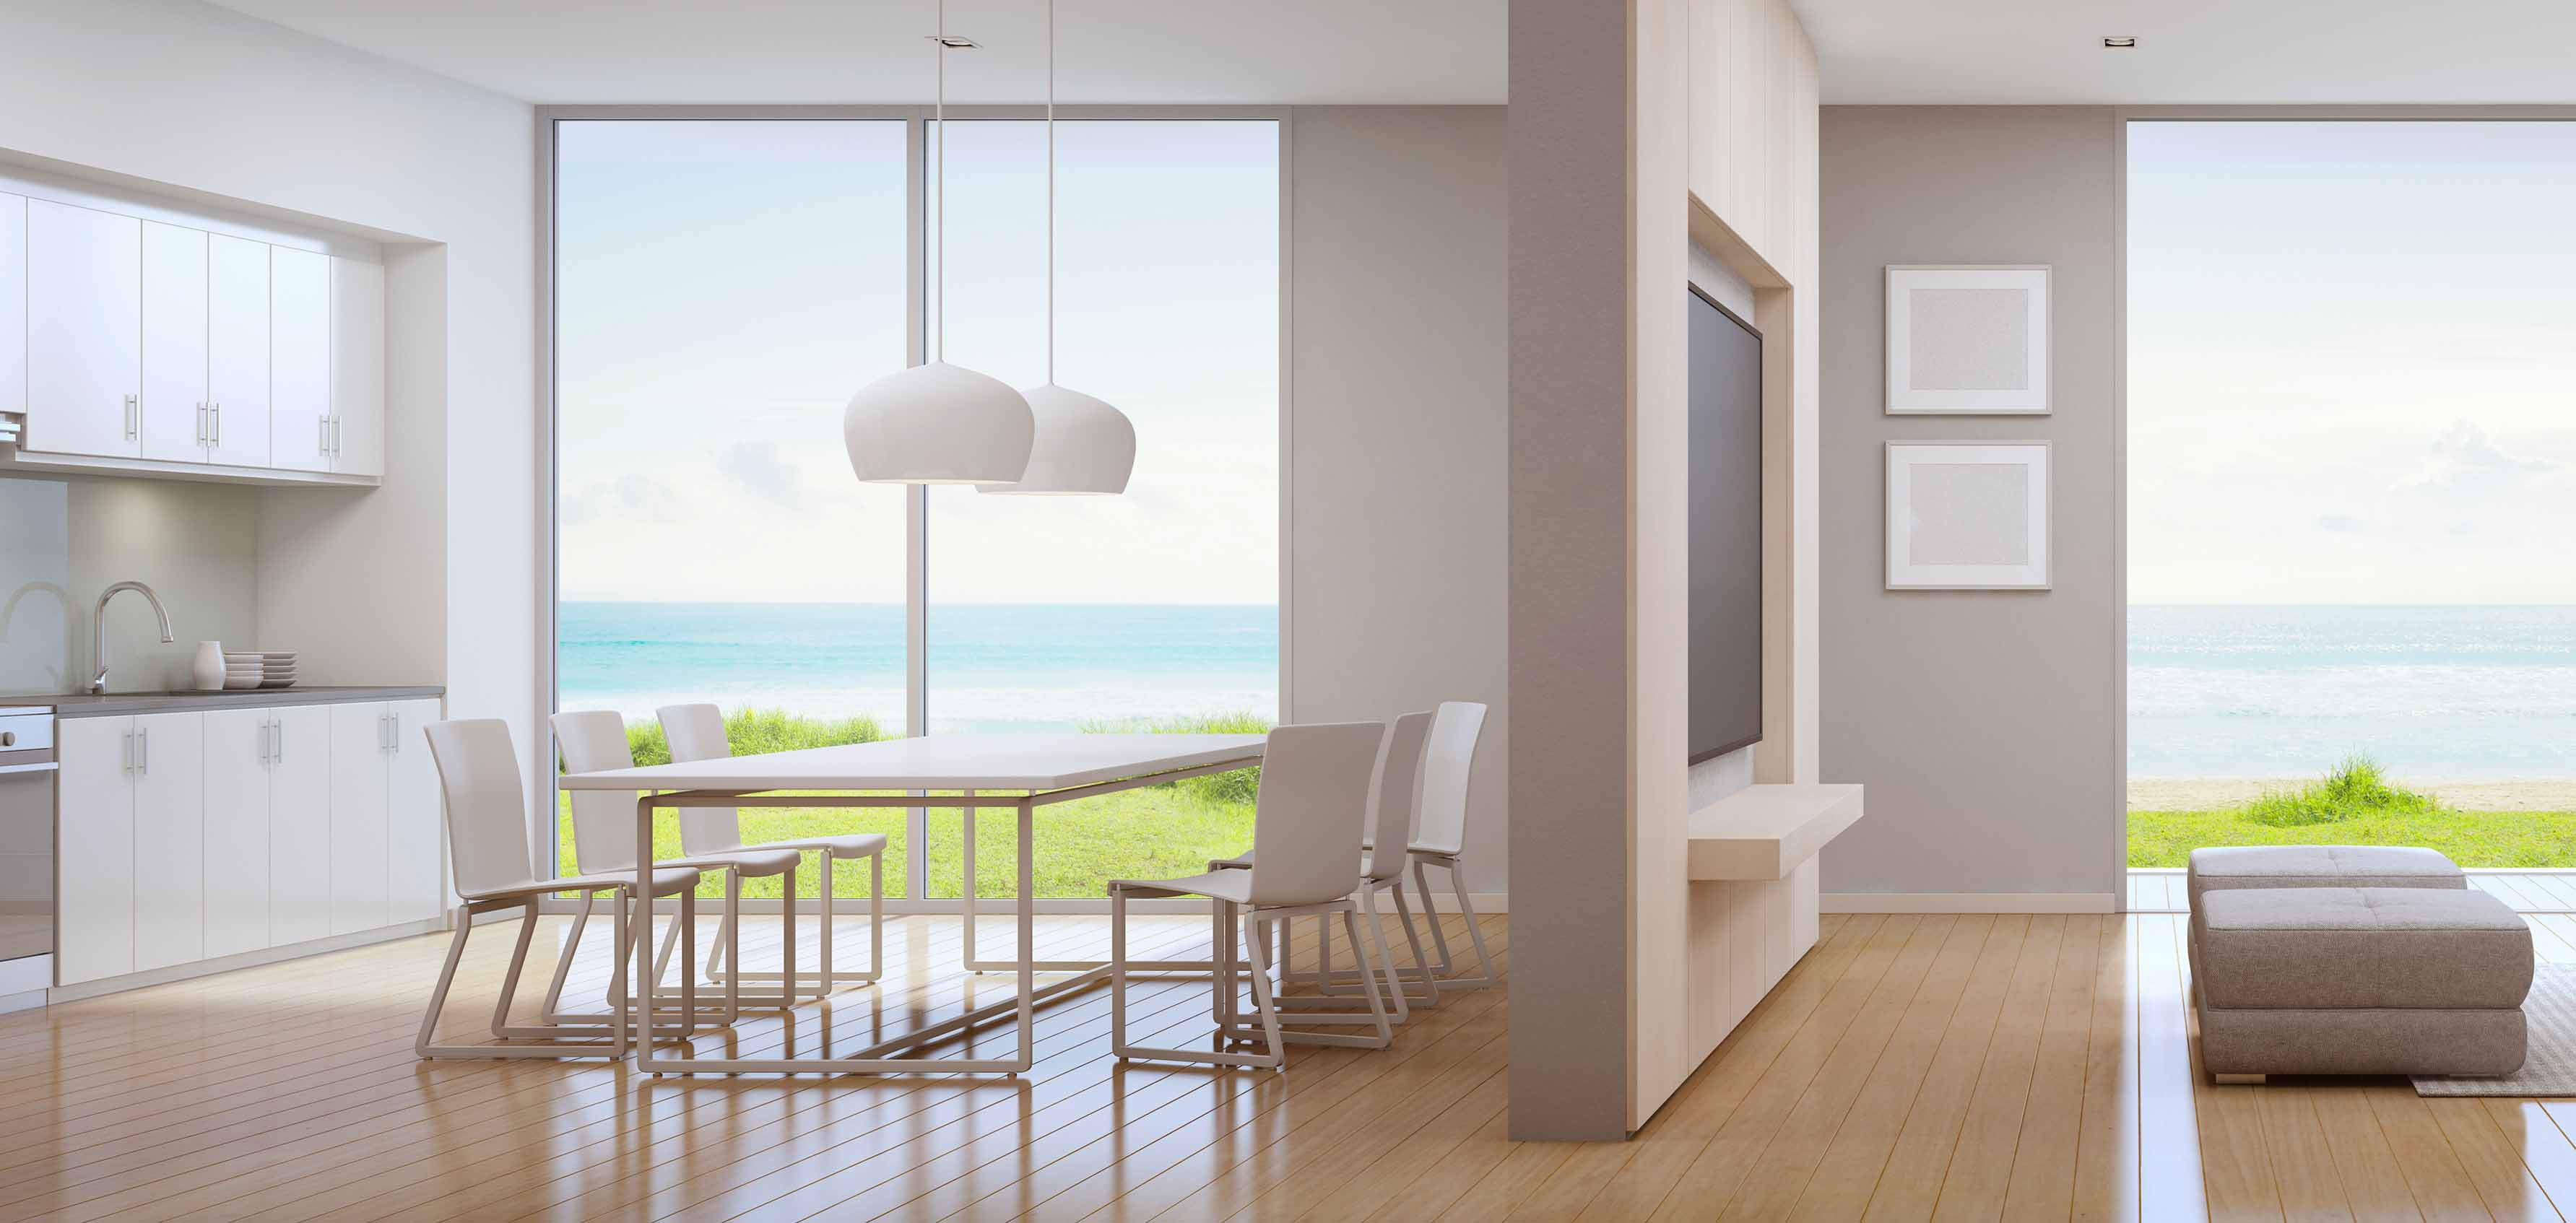 Cozinha integrada com a sala: saiba escolher o piso ideal